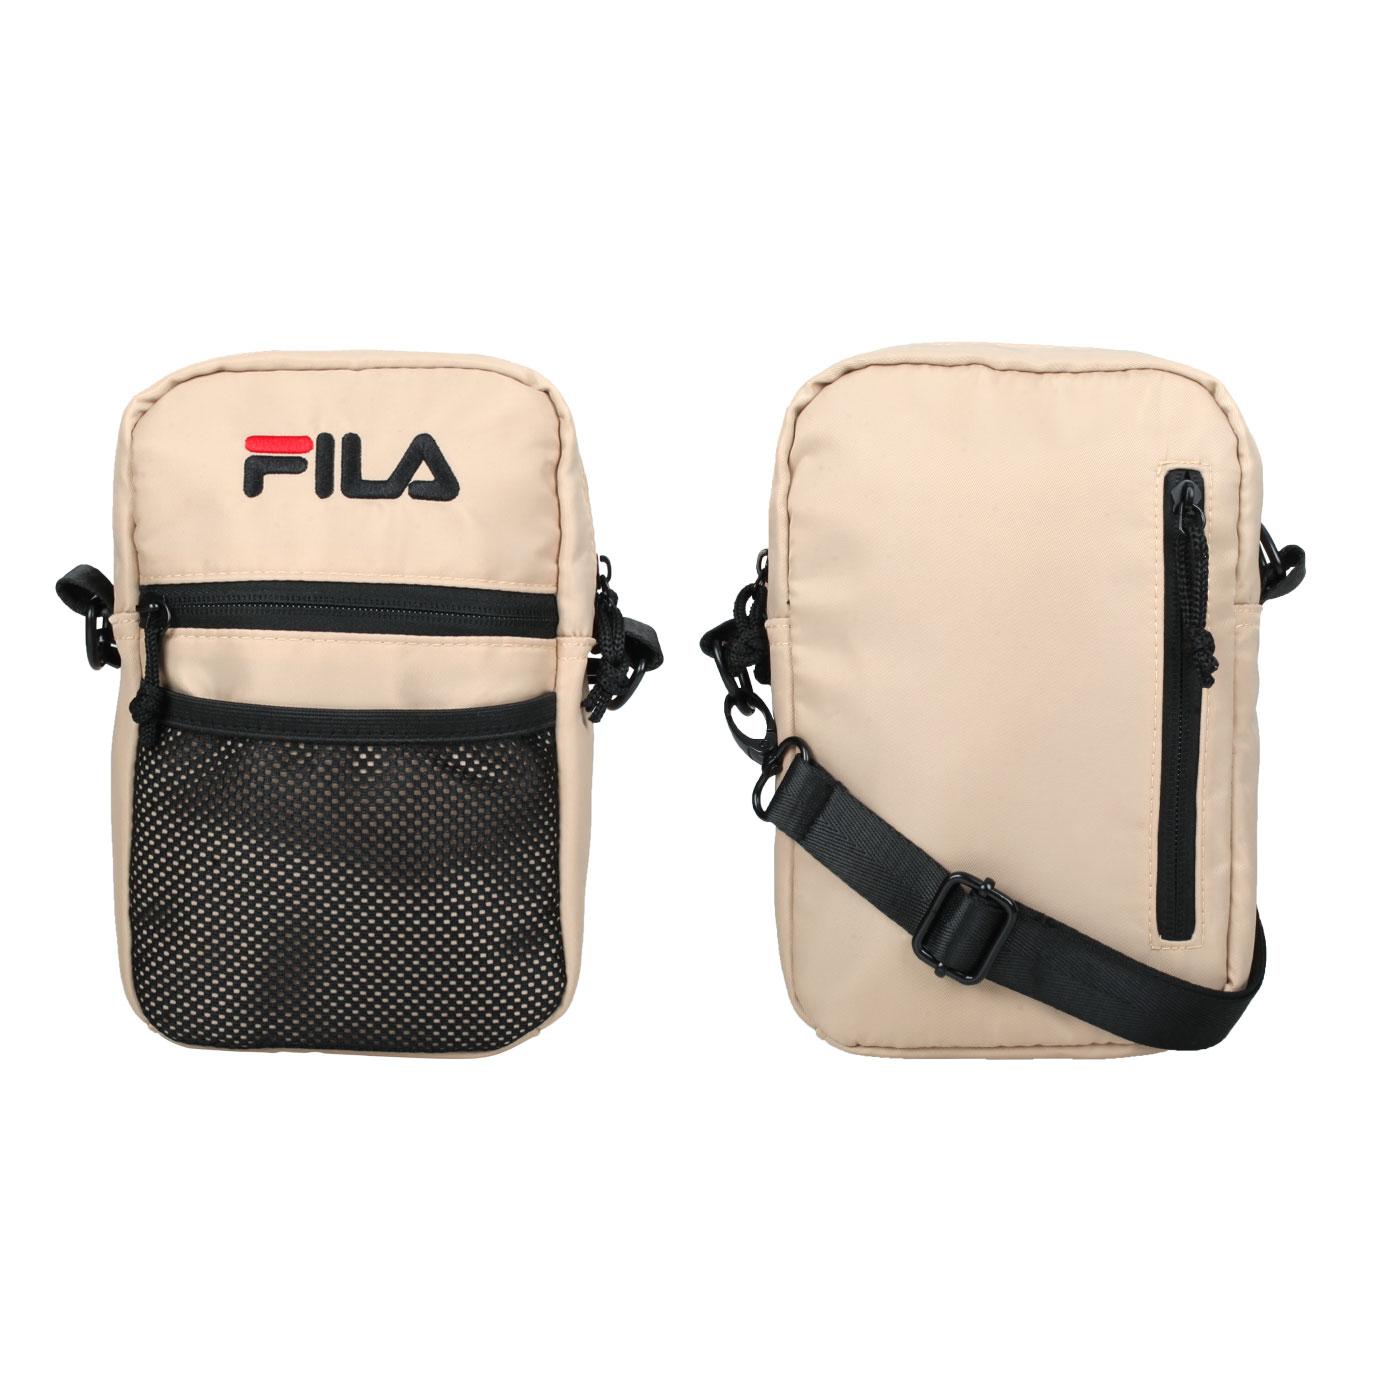 FILA 網袋夾層側背包 BMV-7009-KK